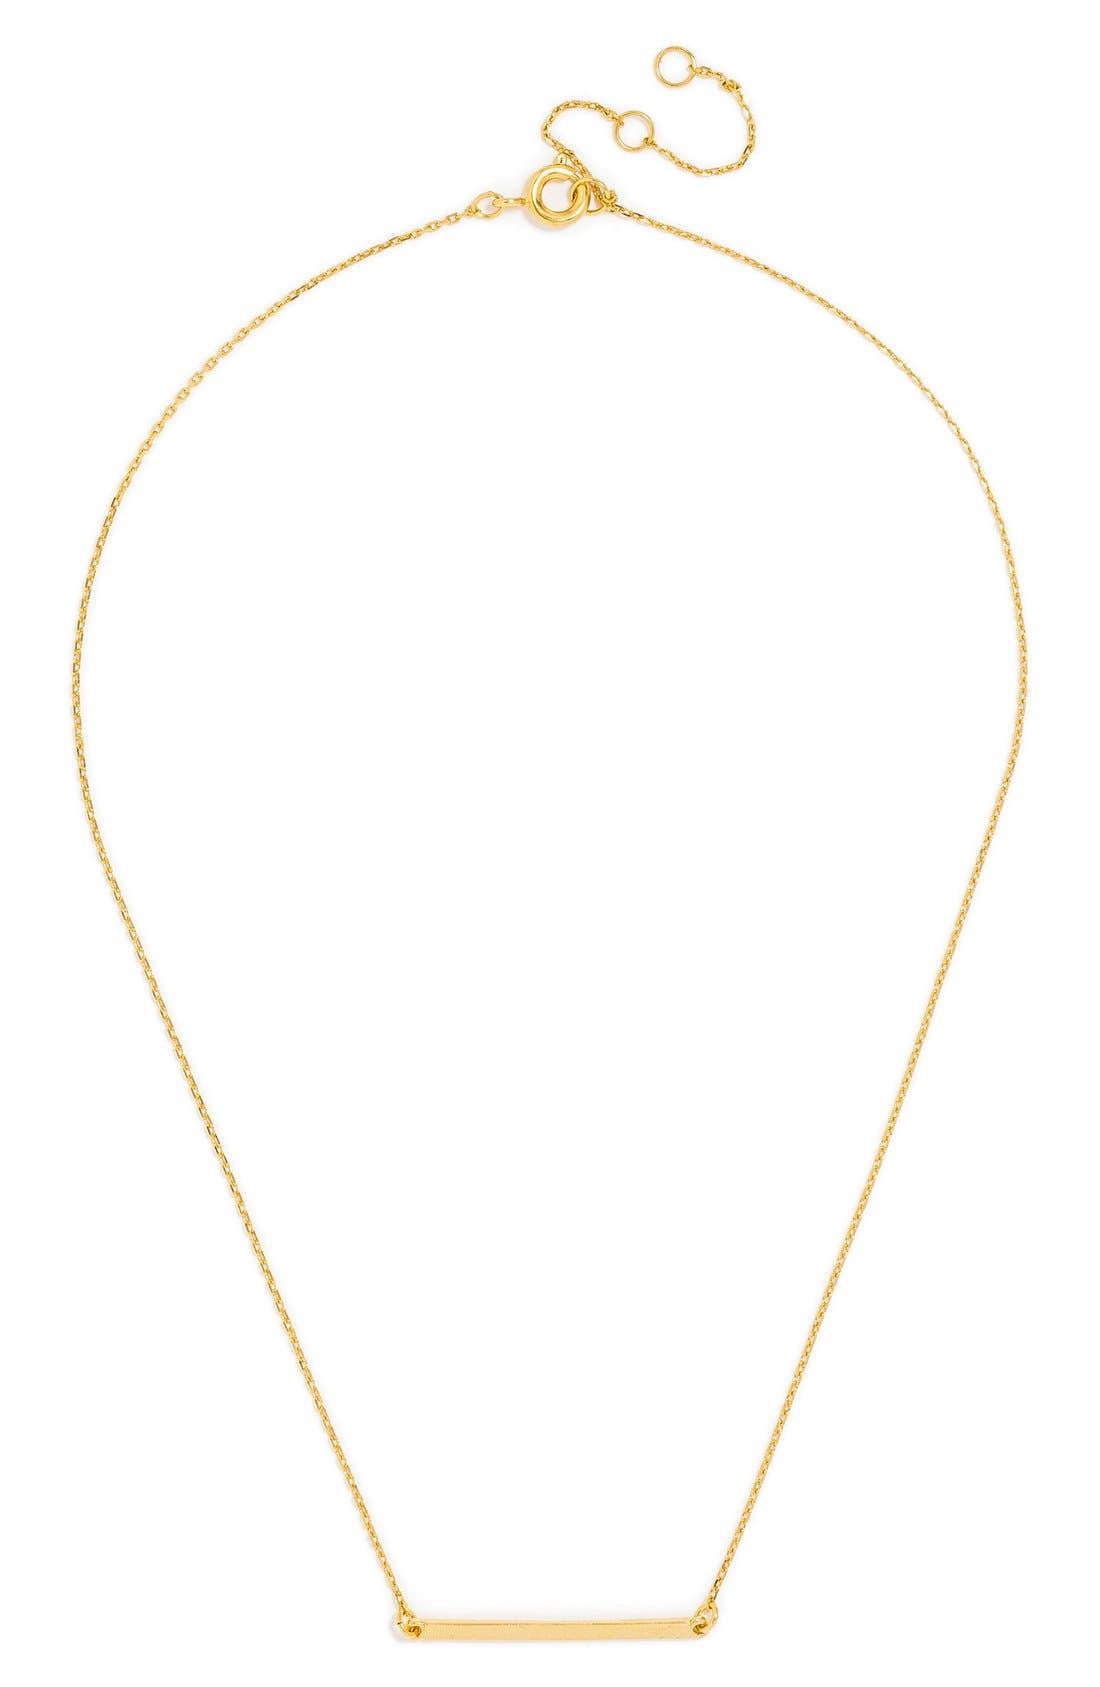 Alternate Image 1 Selected - BaubleBar Solid Bar Pendant Necklace